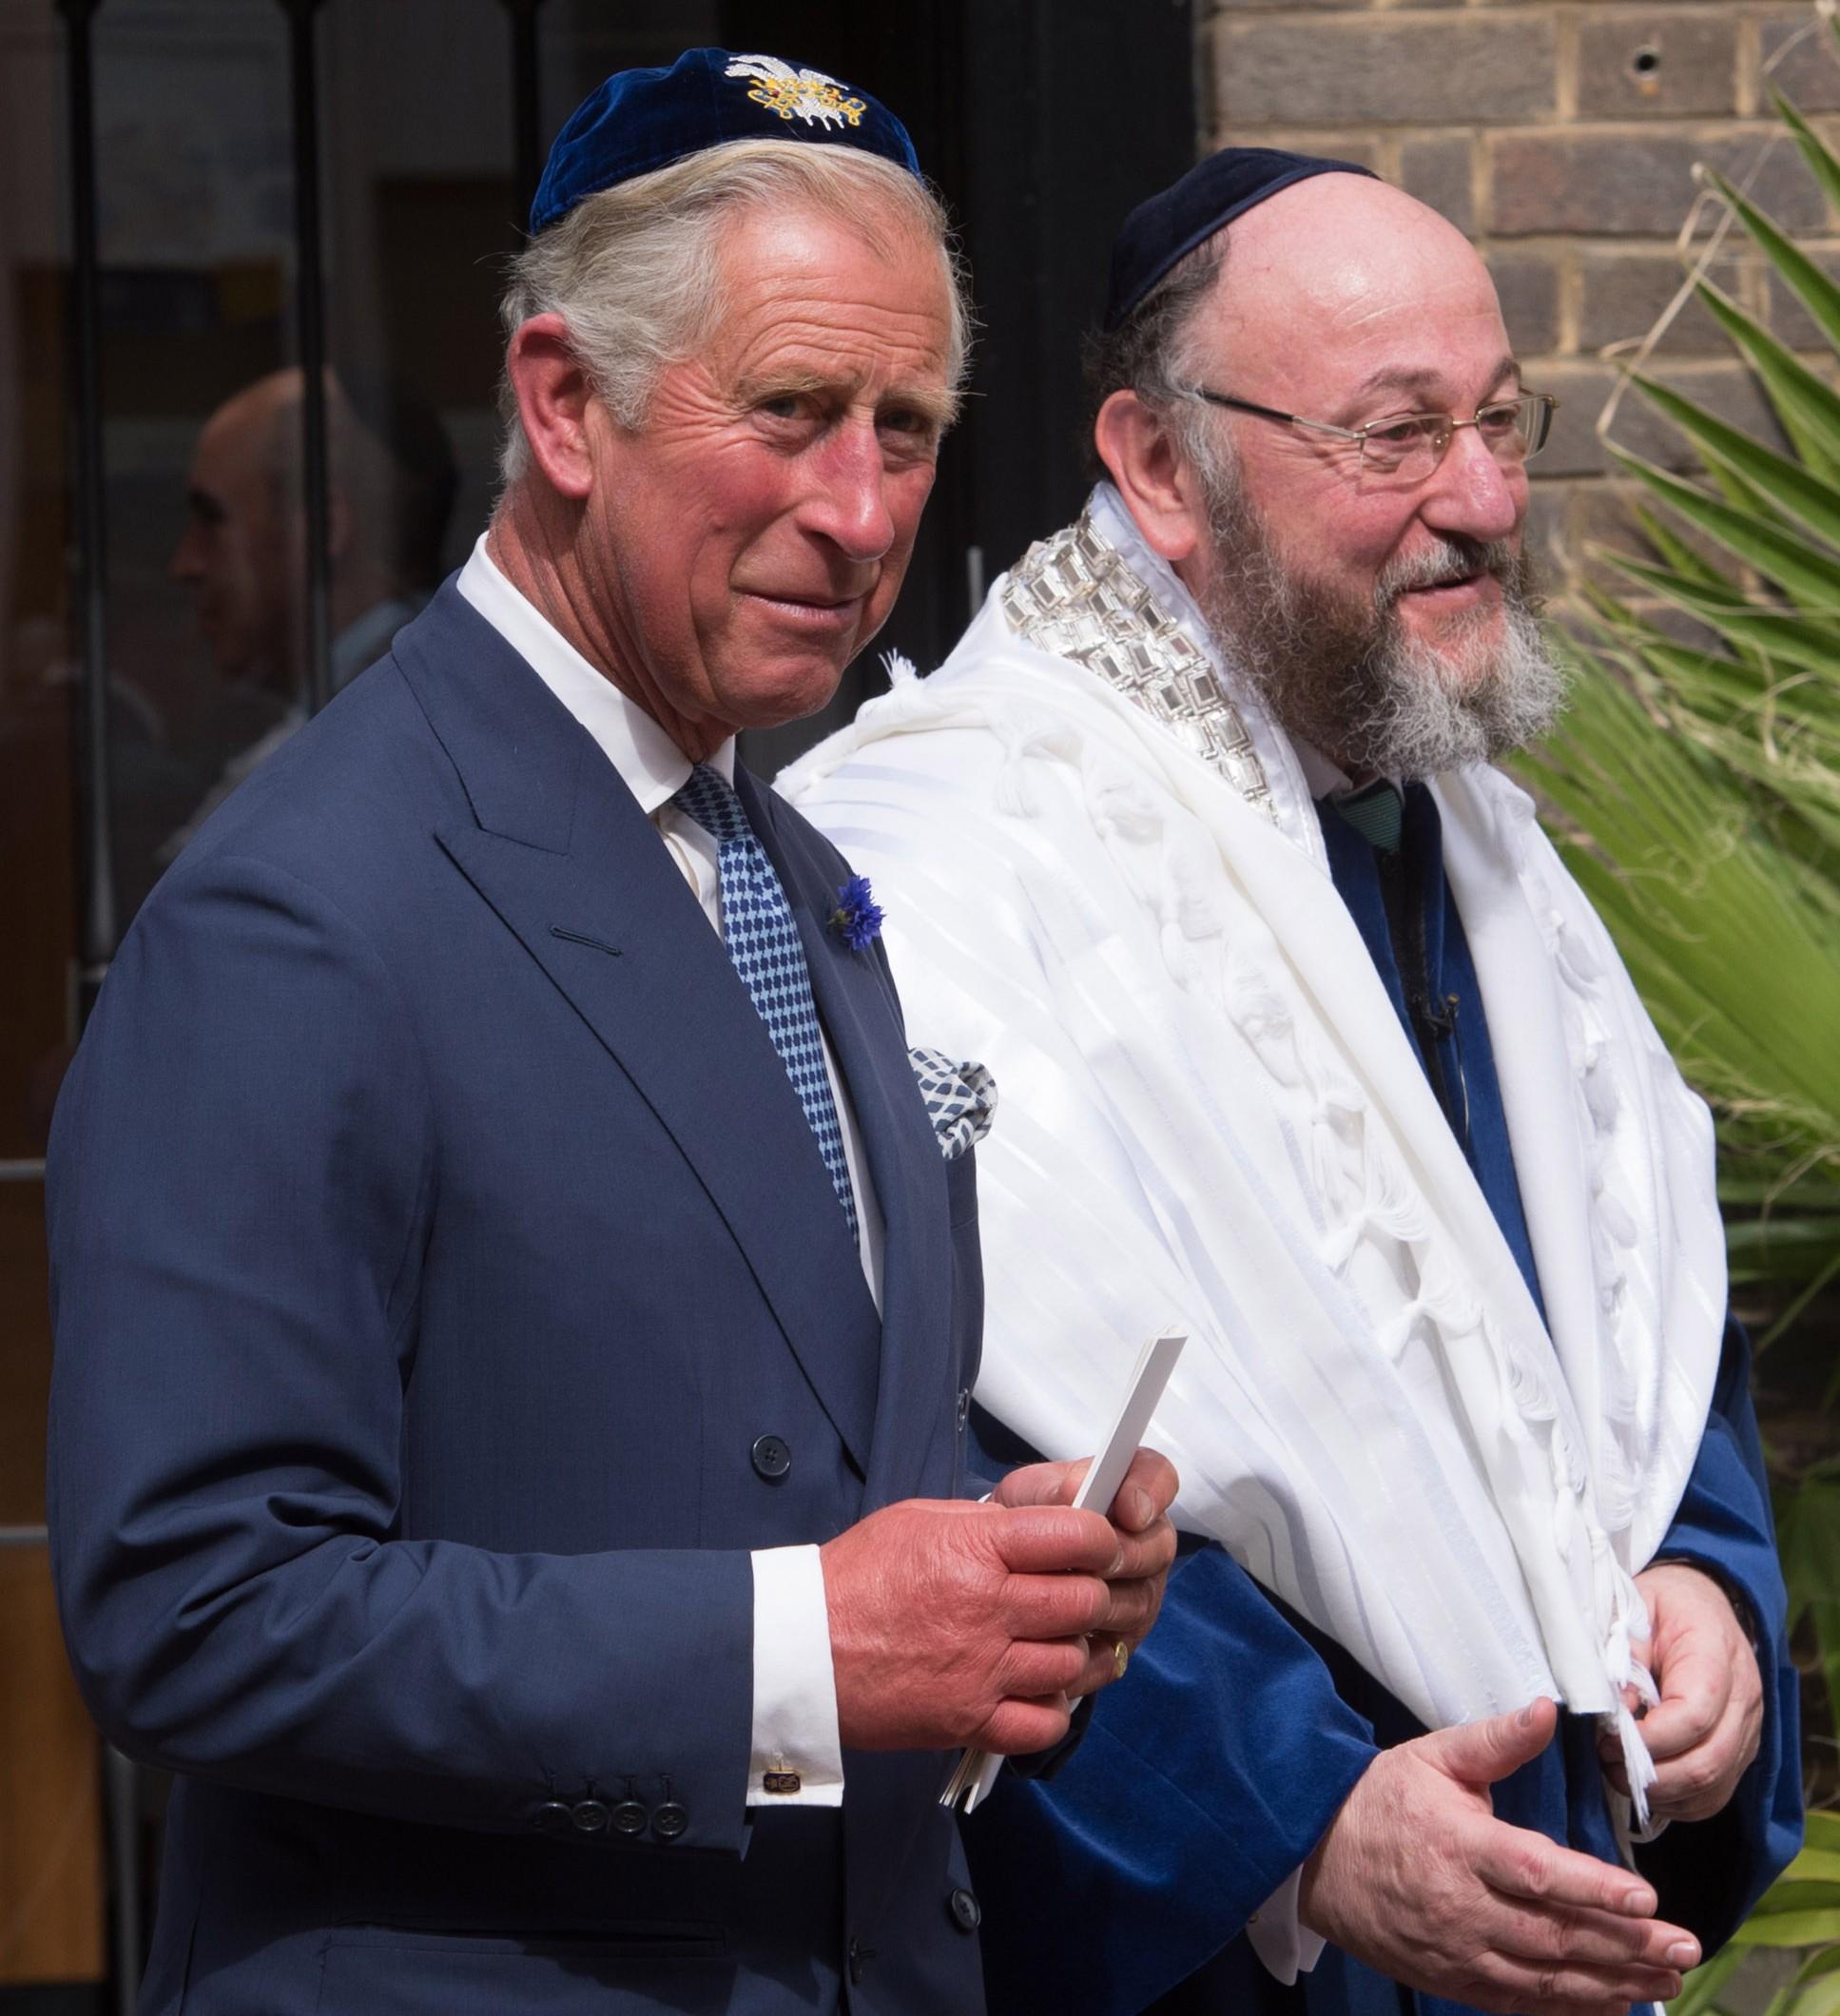 Prince-Charles-and-Rabbi-Mirvis-e1378217